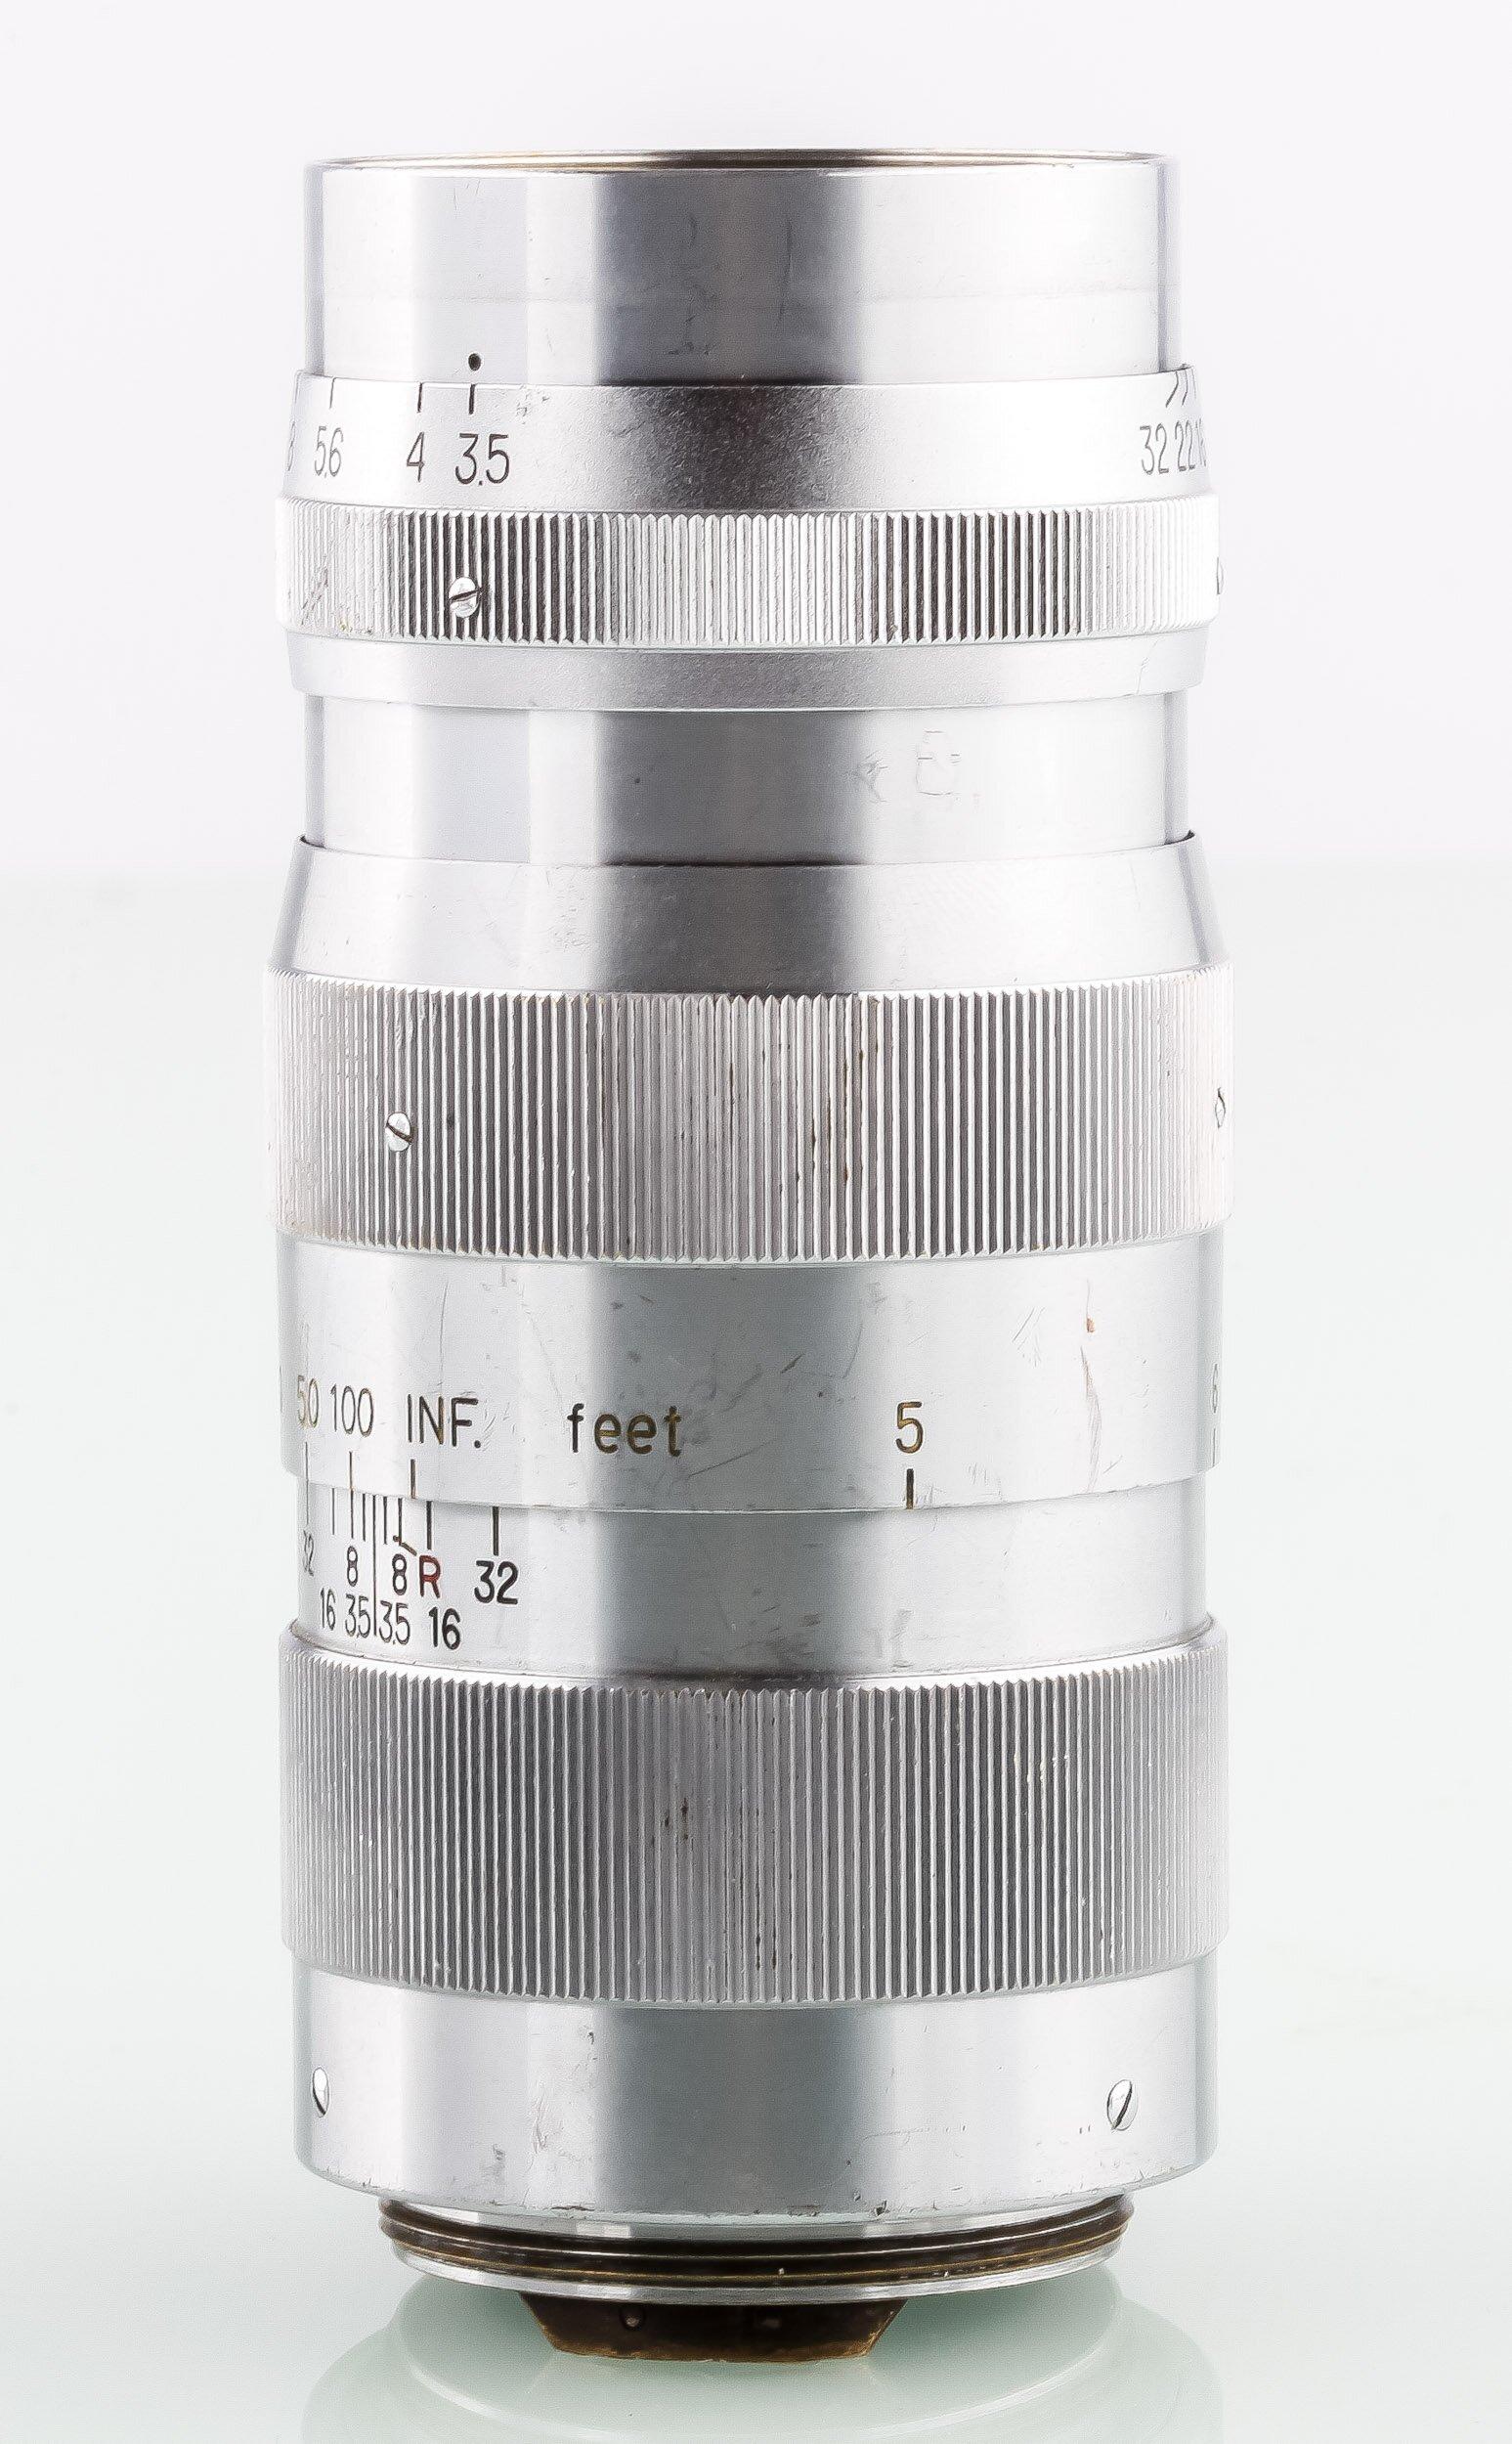 Nikkor-Q.C M39 Nippon Kogaku Japan 3,5/135cm